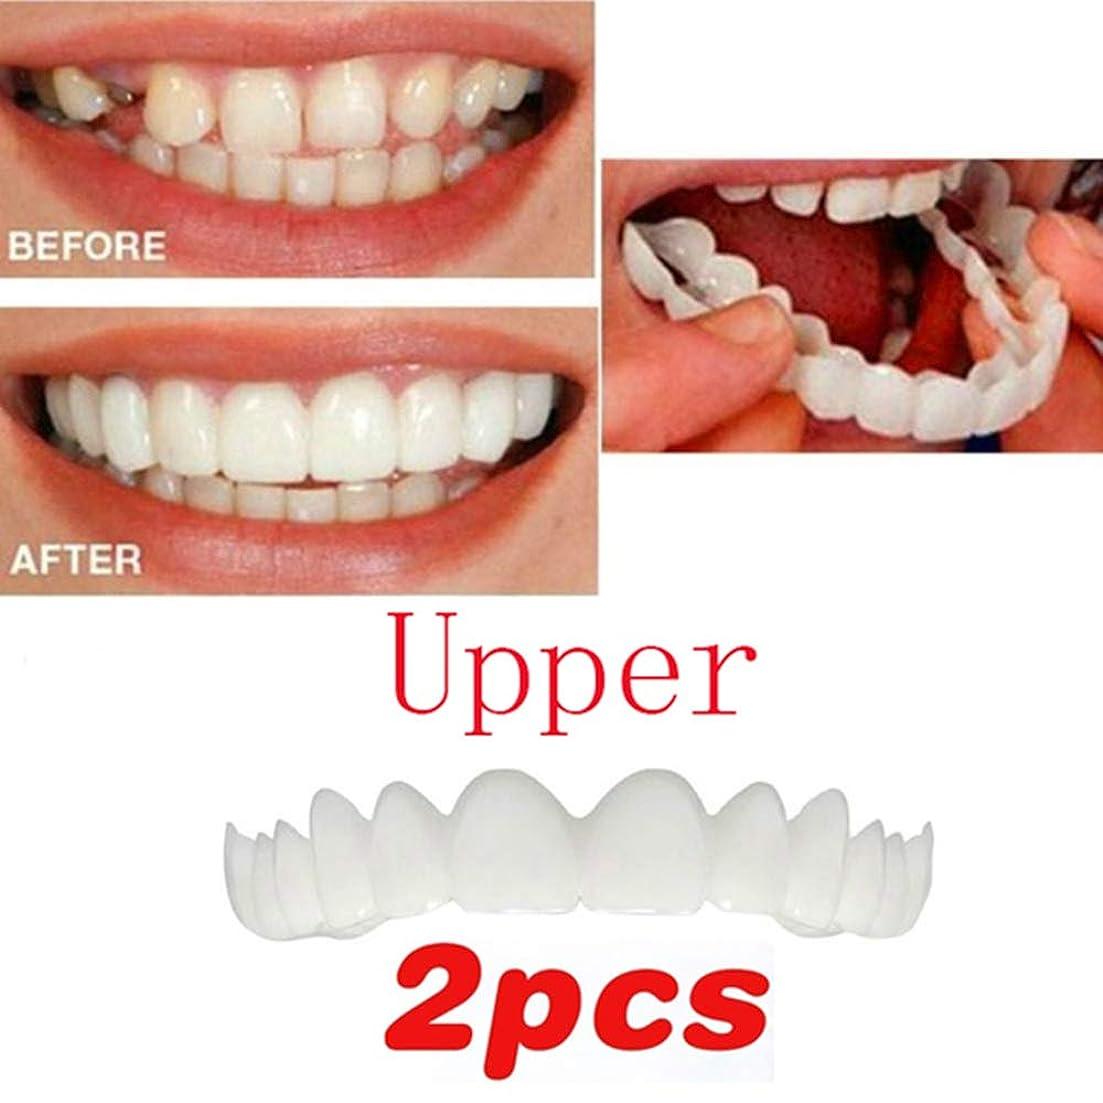 デッドロックあえぎ背骨2ピース化粧品歯一時的な笑顔ホワイトニング歯インスタント快適な義歯上列再利用可能な大人のスナップ完璧な笑顔ベニヤカバー悪い黄色黒歯